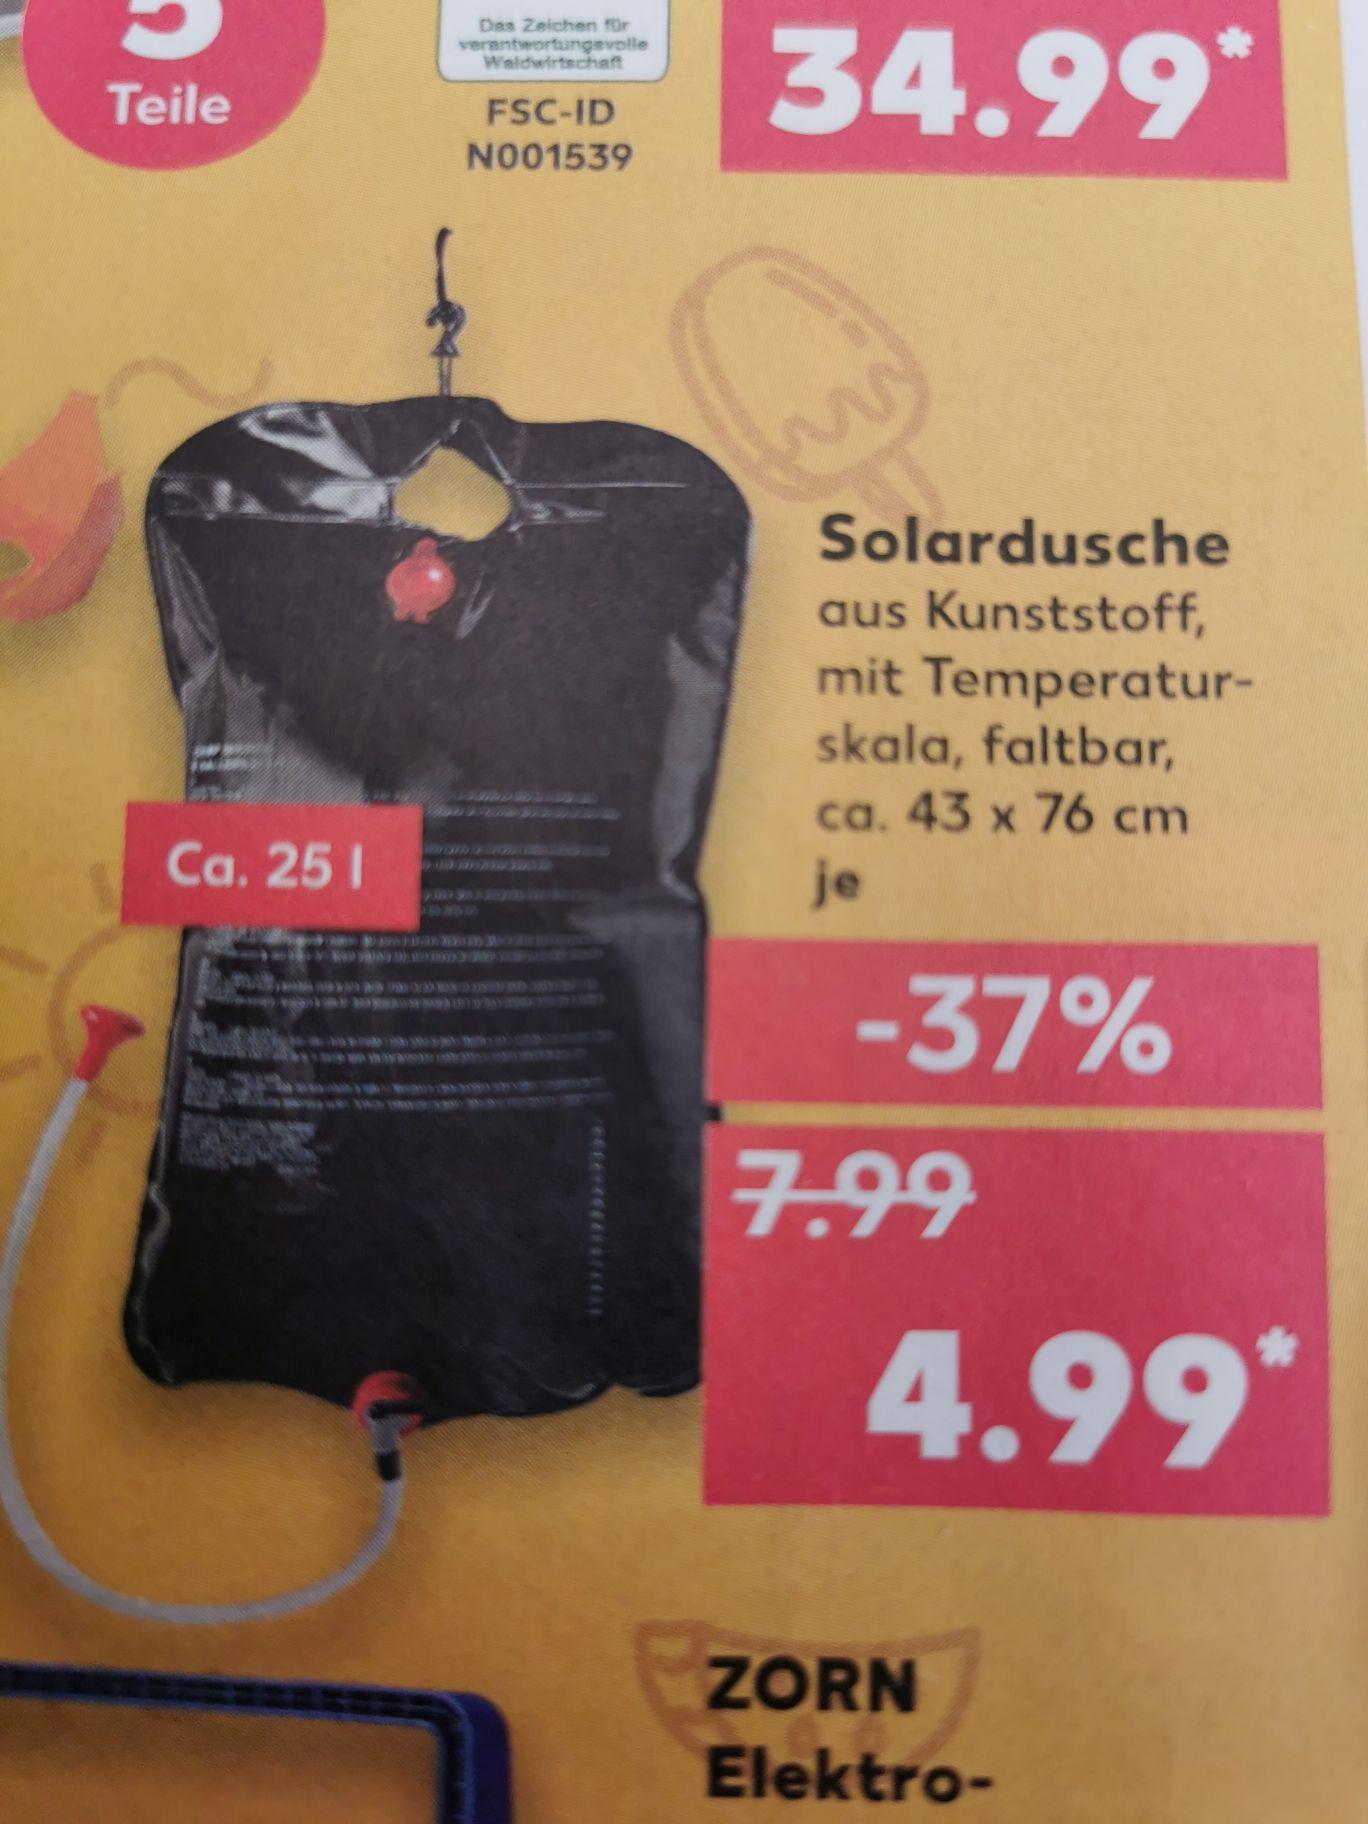 Warmwasser-Solardusche bei Kaufland